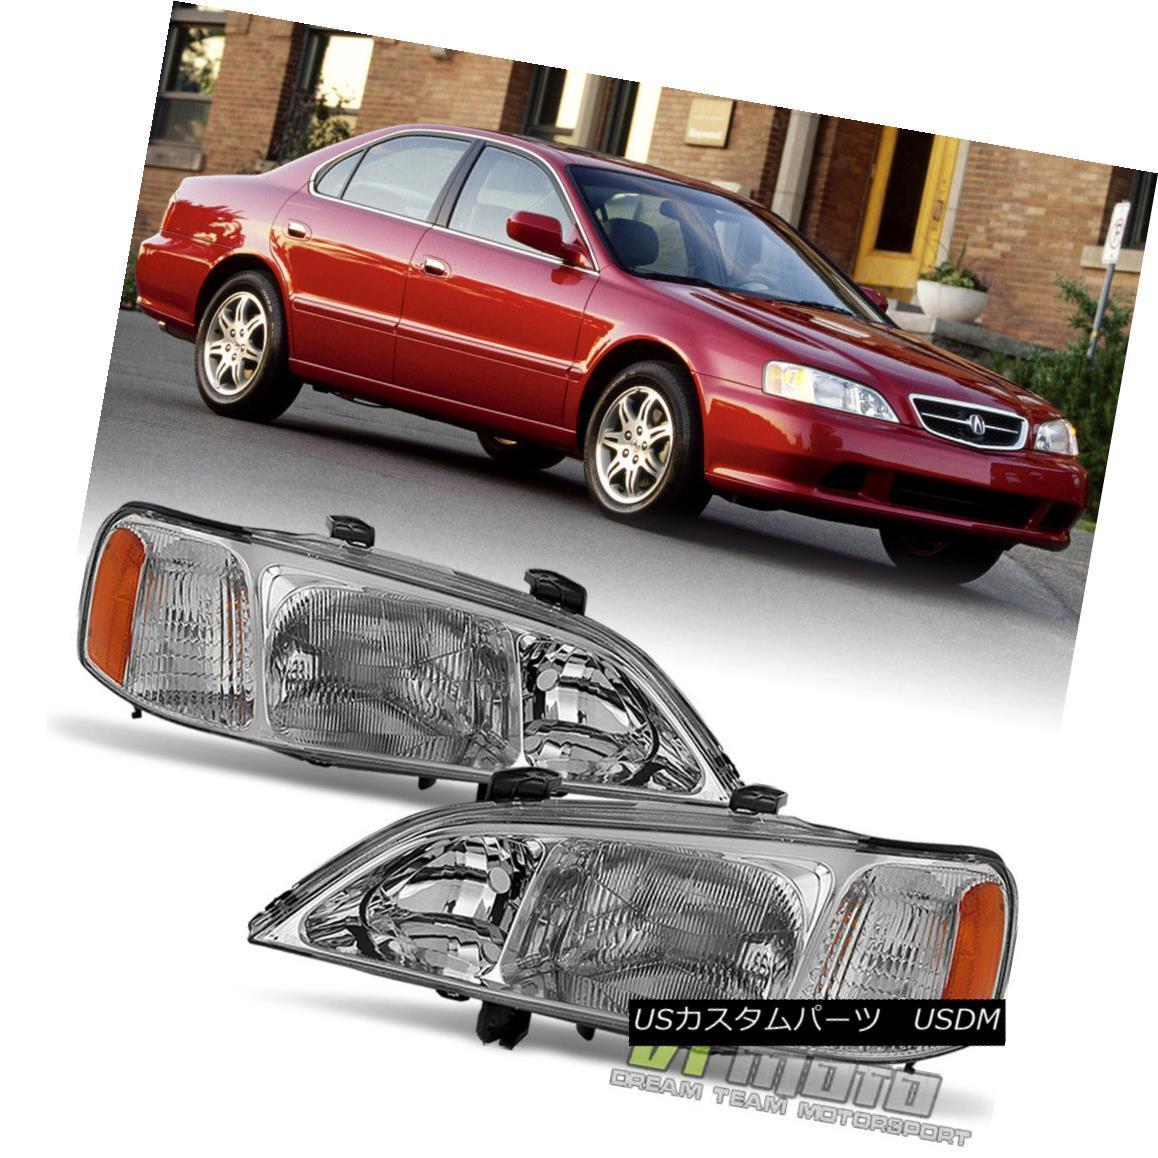 ヘッドライト 1999 2000 2001 Acura TL Headlights Headlamps Replacement 99 00 01 Set Left+Right 1999 2000 2001 Acura TLヘッドライトヘッドランプ交換99 00 01左+右セット